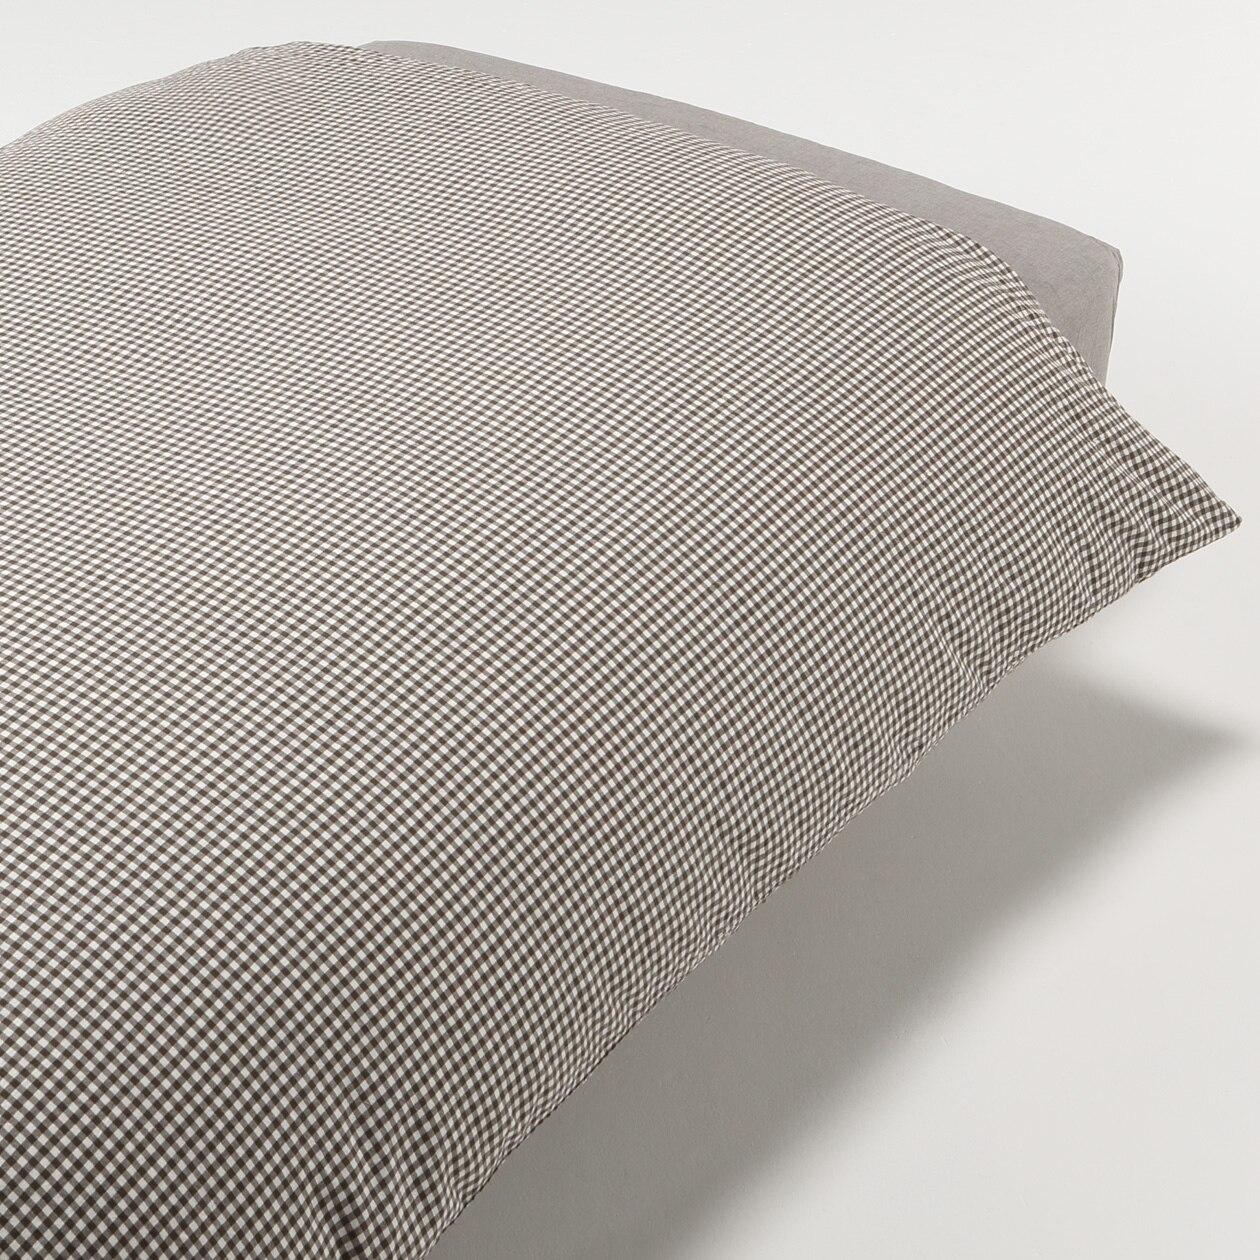 RoomClip商品情報 - オーガニックコットン洗いざらし掛ふとんカバー・S/ブラウンチェック